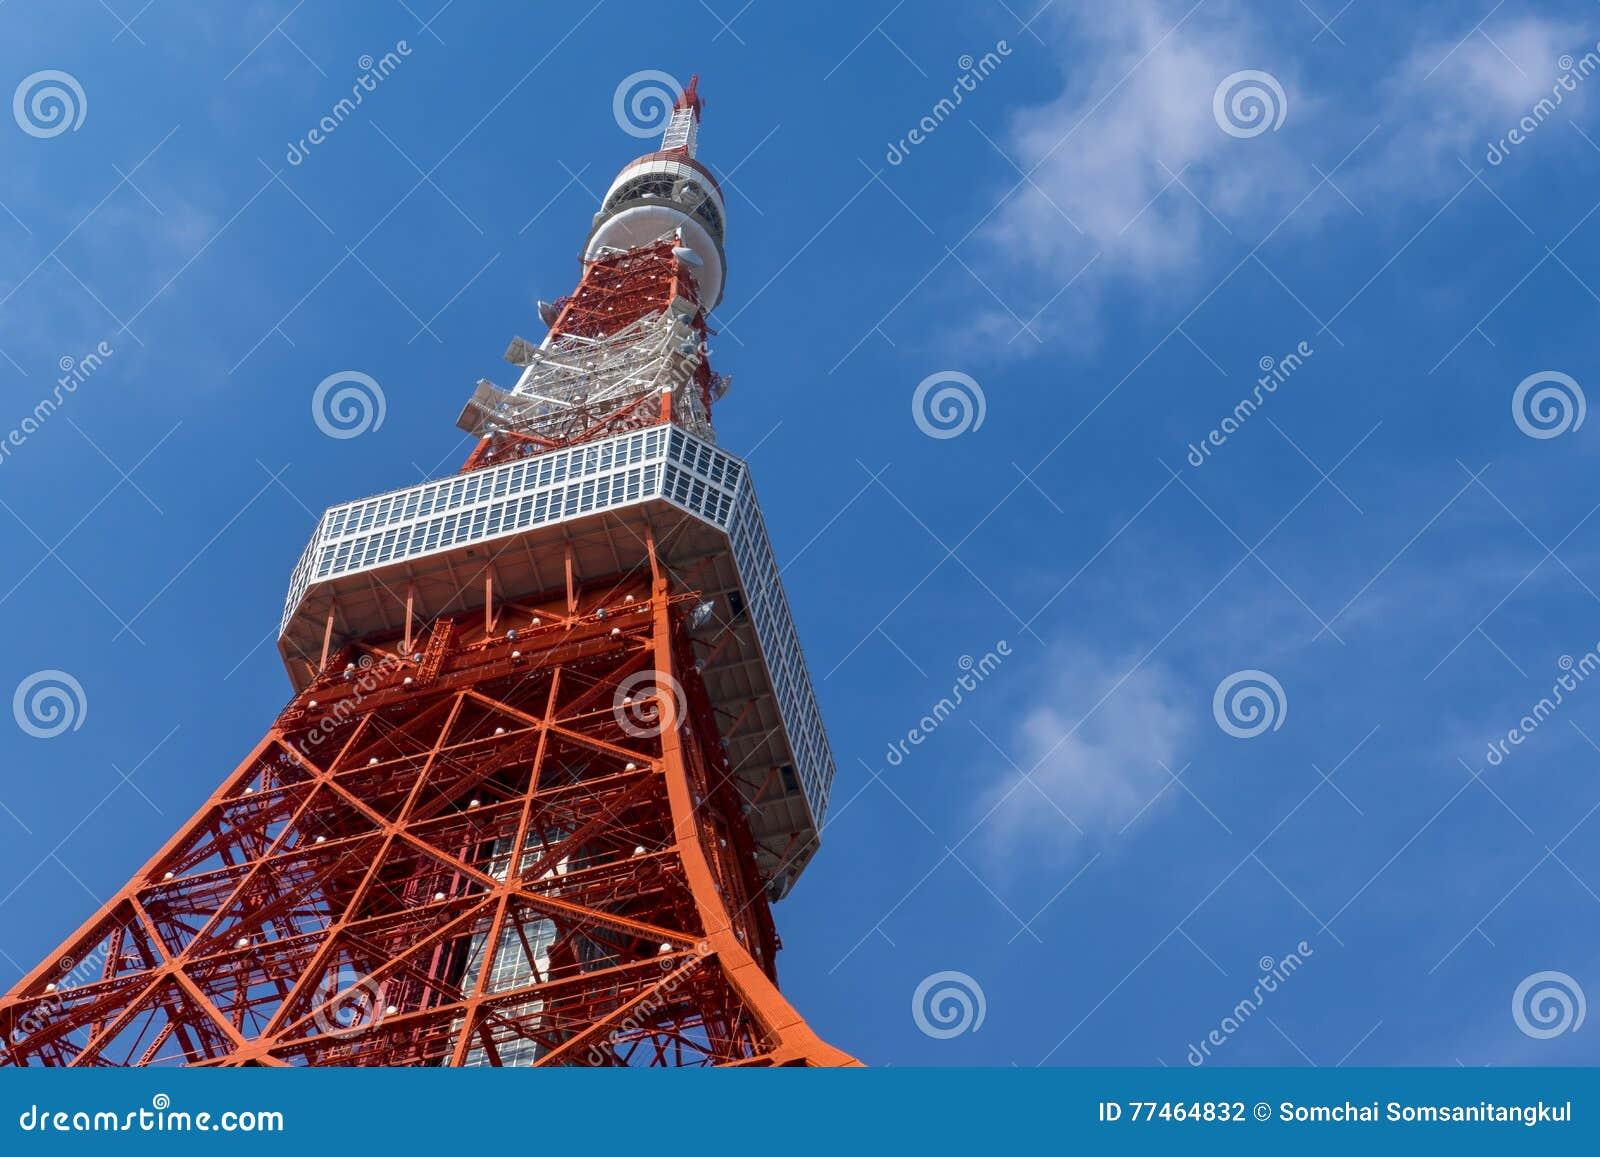 Torre do Tóquio, o marco de Japão no céu azul